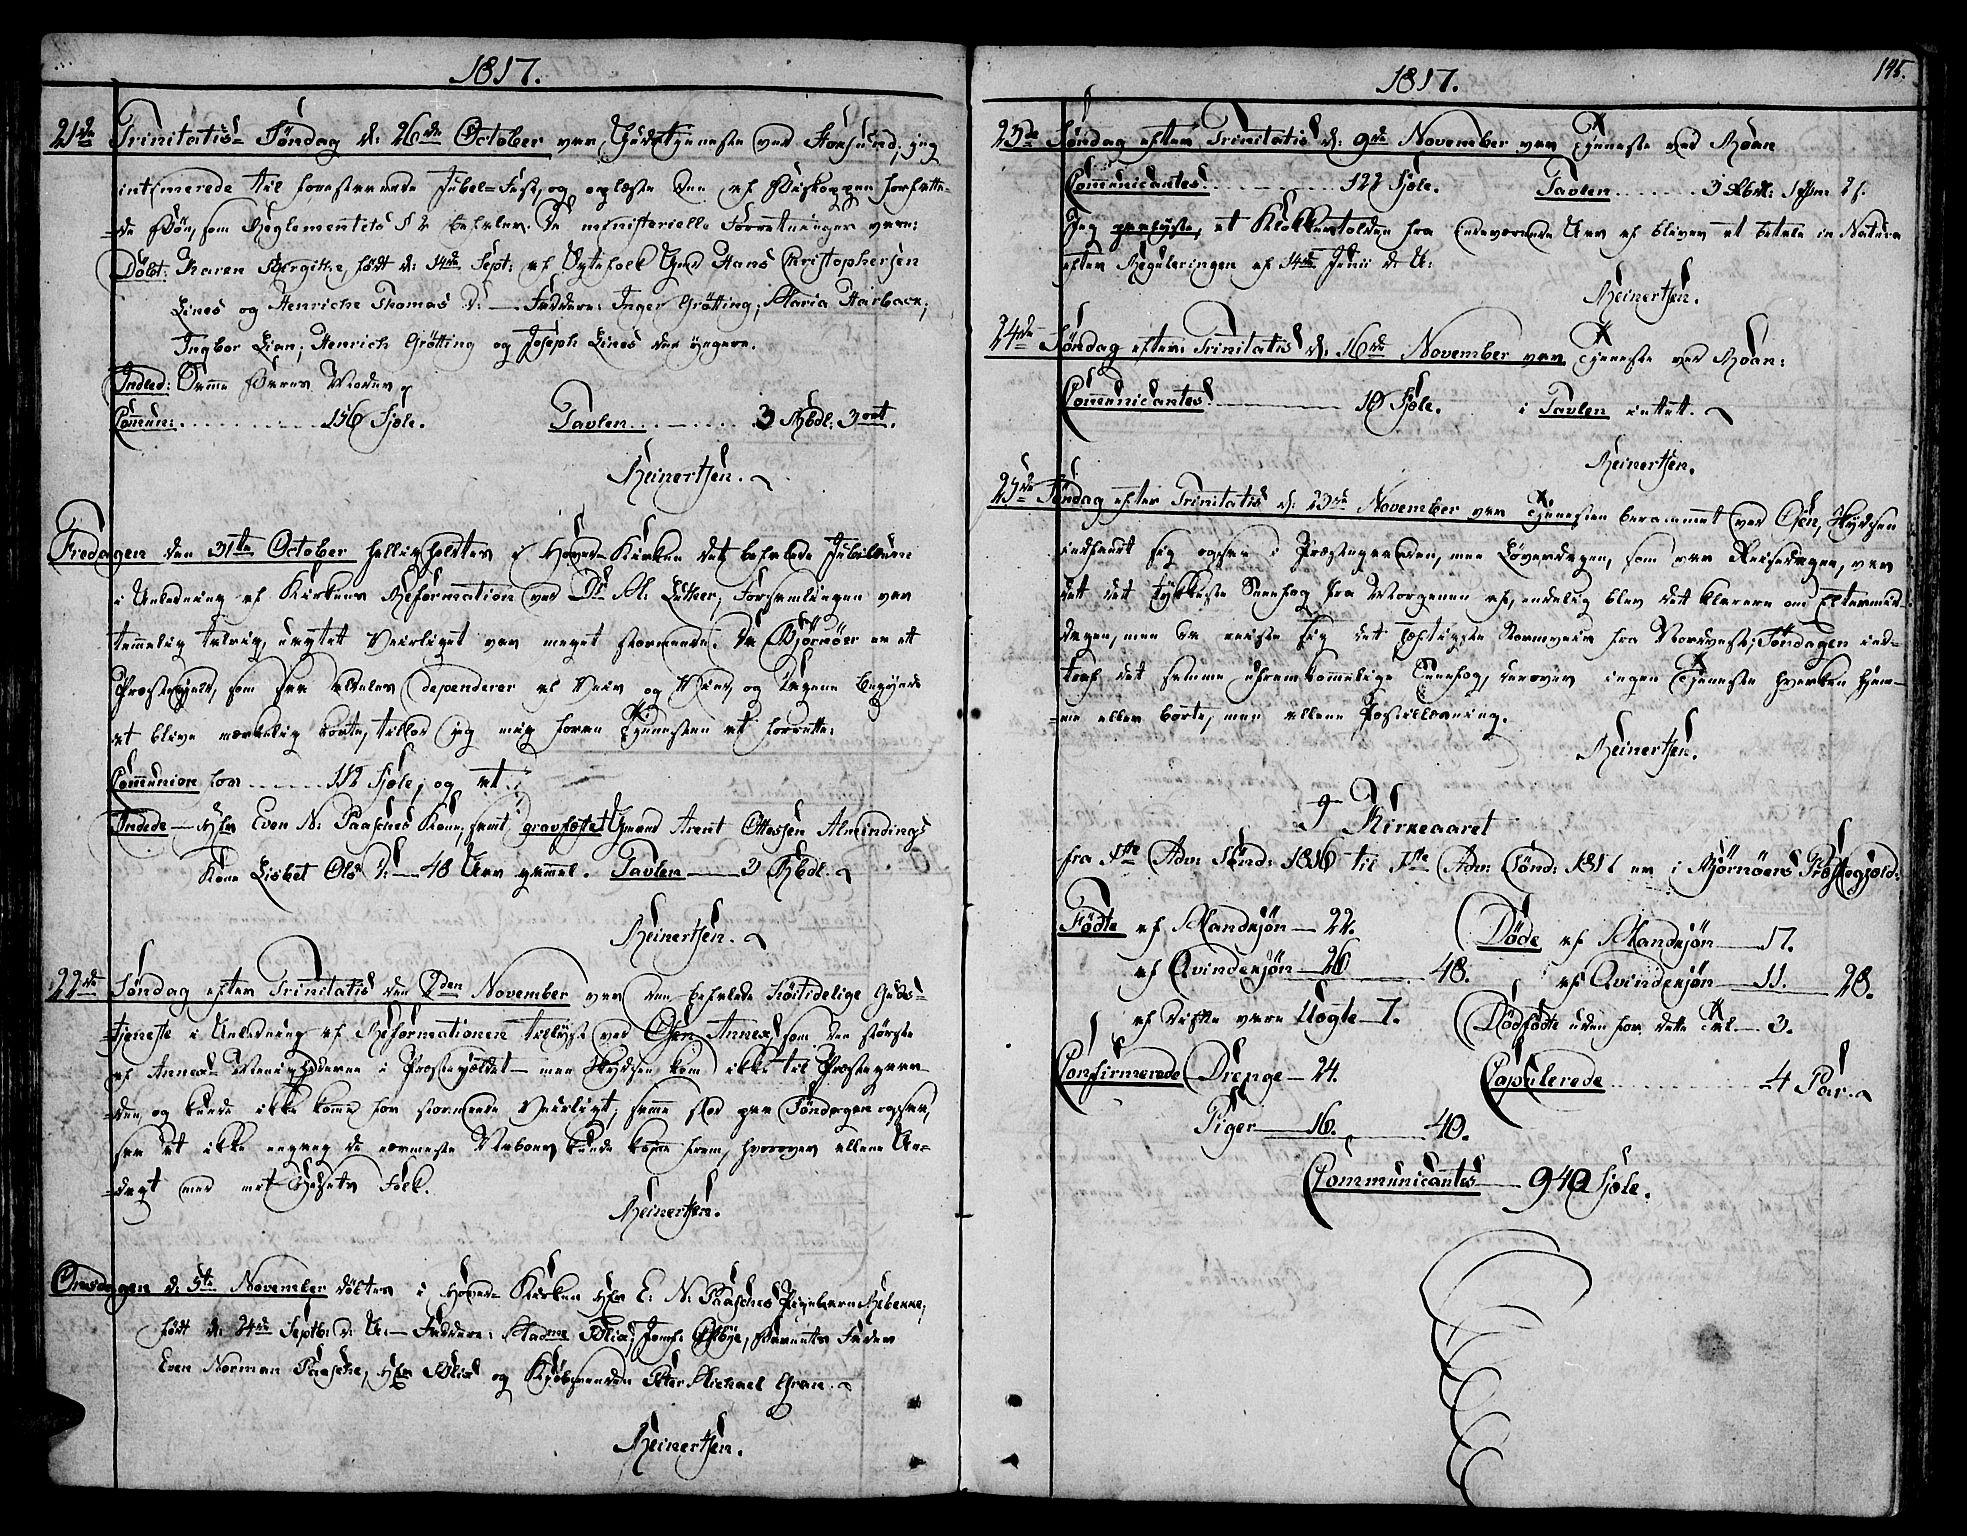 SAT, Ministerialprotokoller, klokkerbøker og fødselsregistre - Sør-Trøndelag, 657/L0701: Ministerialbok nr. 657A02, 1802-1831, s. 145